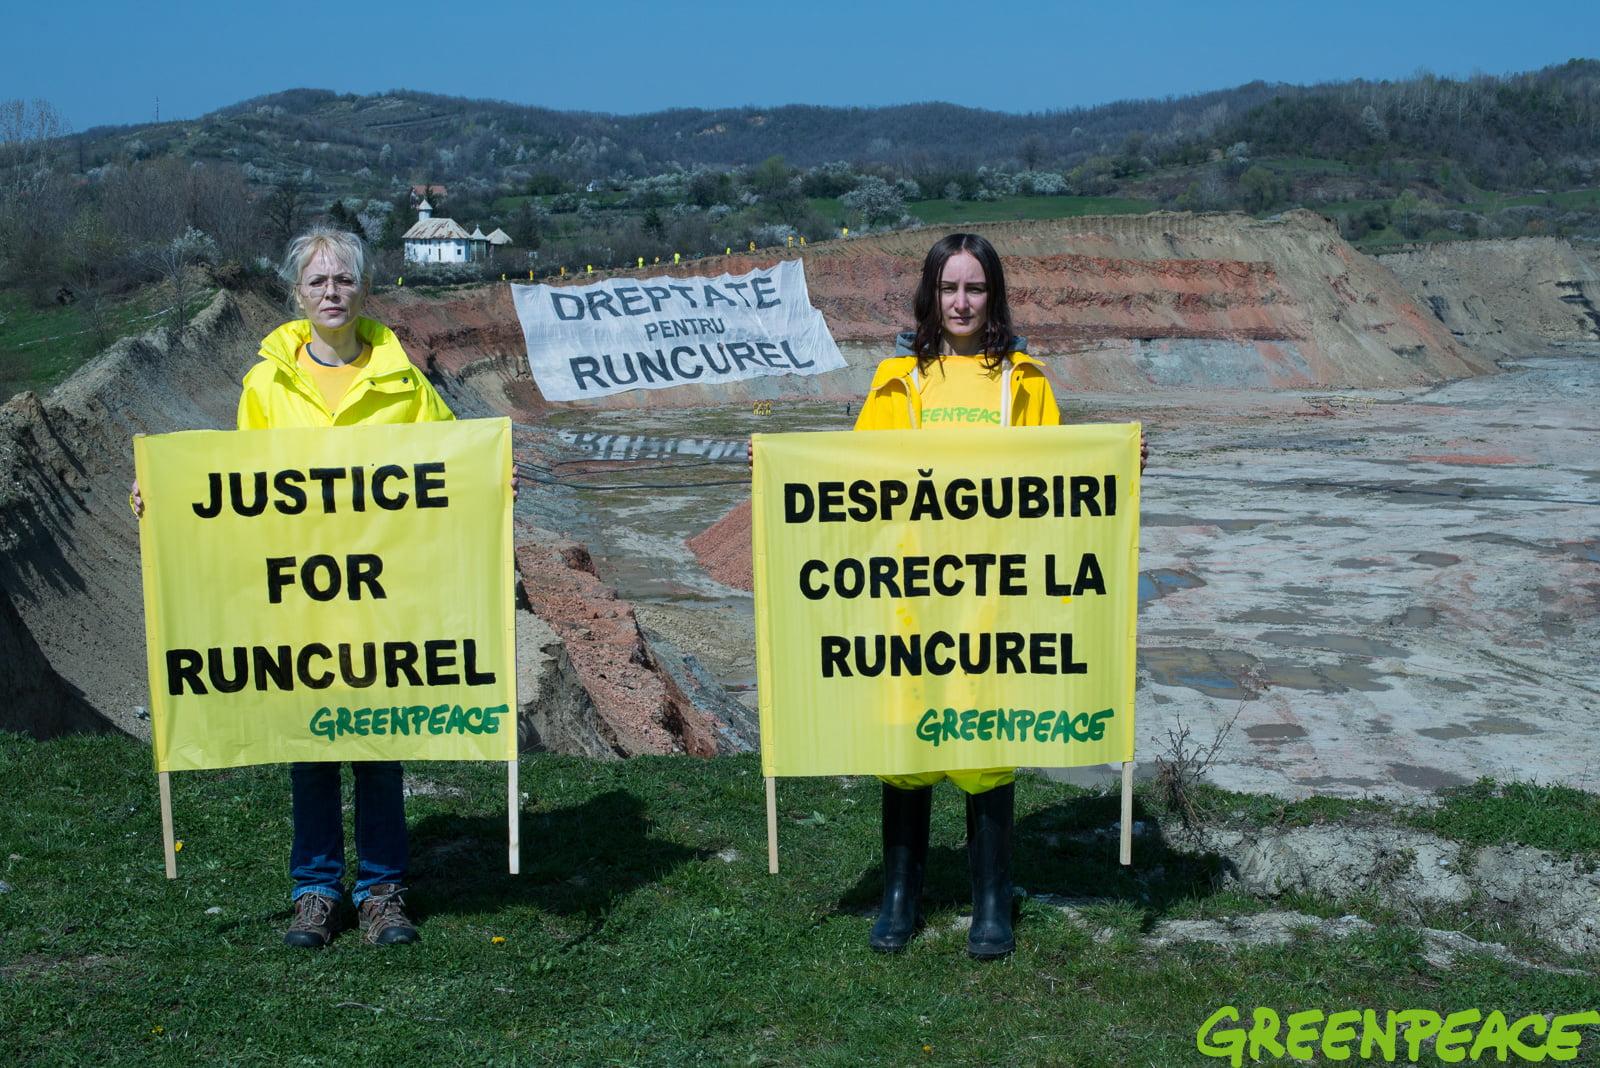 Greenpeace - runcurel